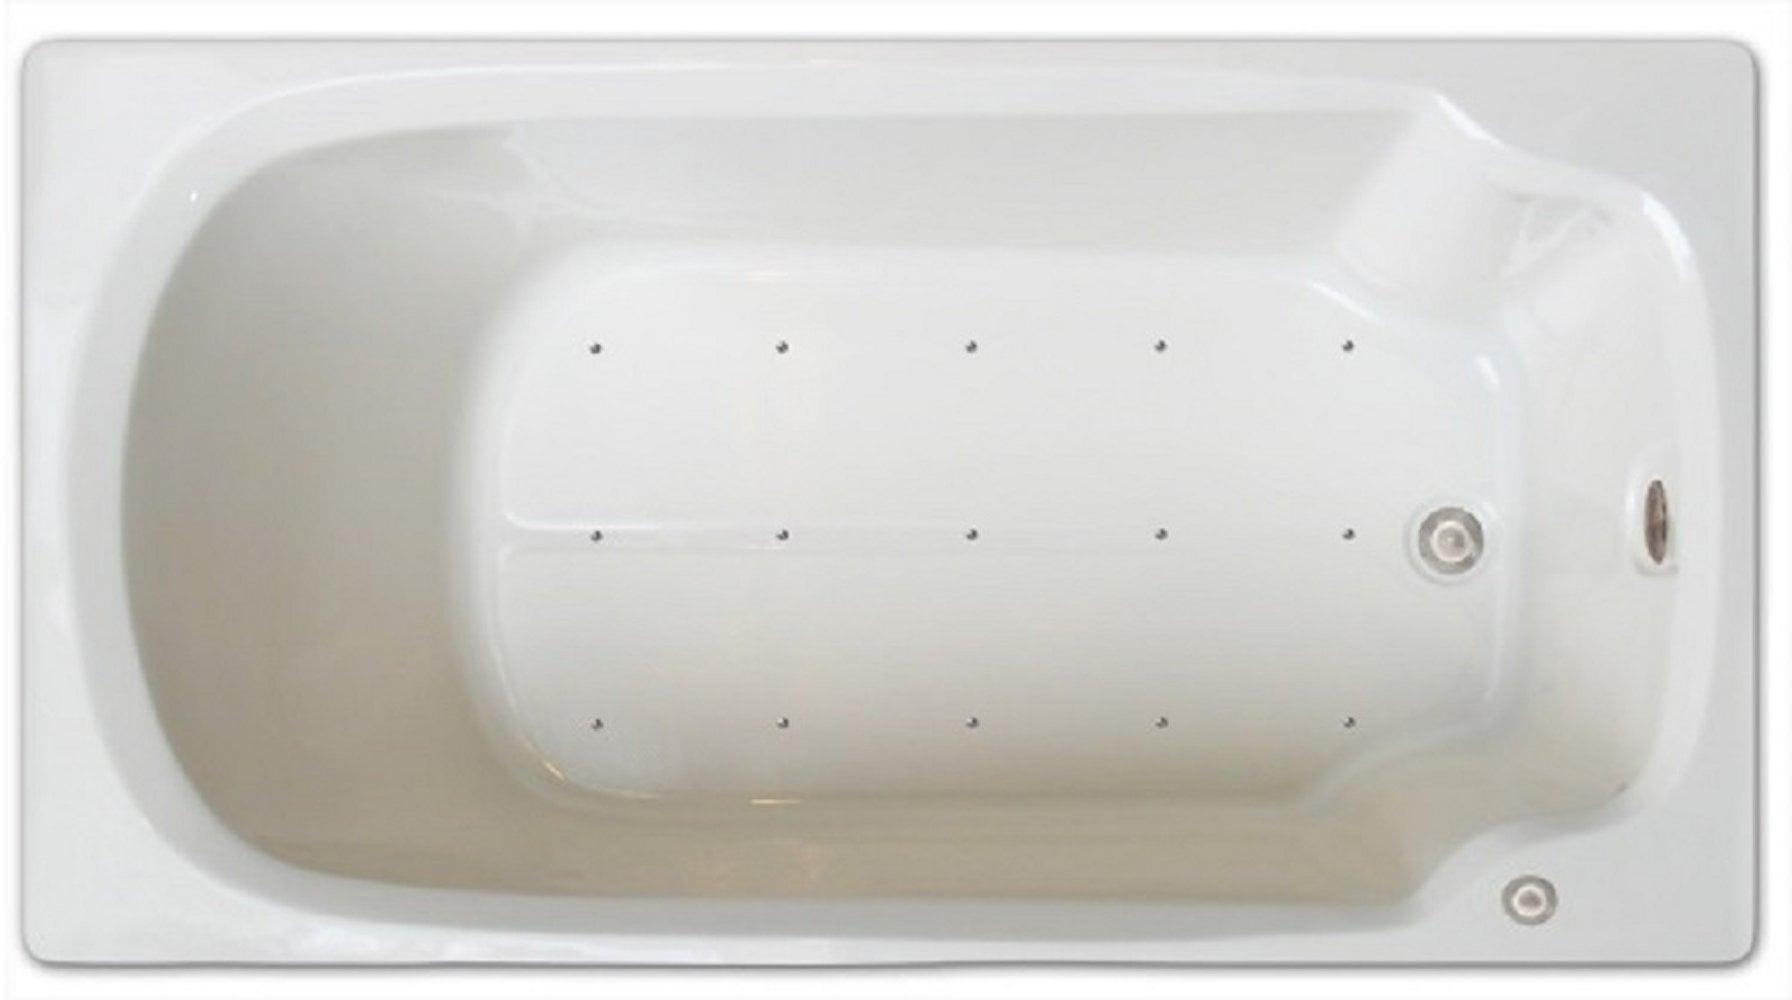 Drop-in Bathtub / 60x32x17.5 / high gloss white acrylic / Rectangle / LPI13-A-RD Pinnacle Bath - Air Bath 0